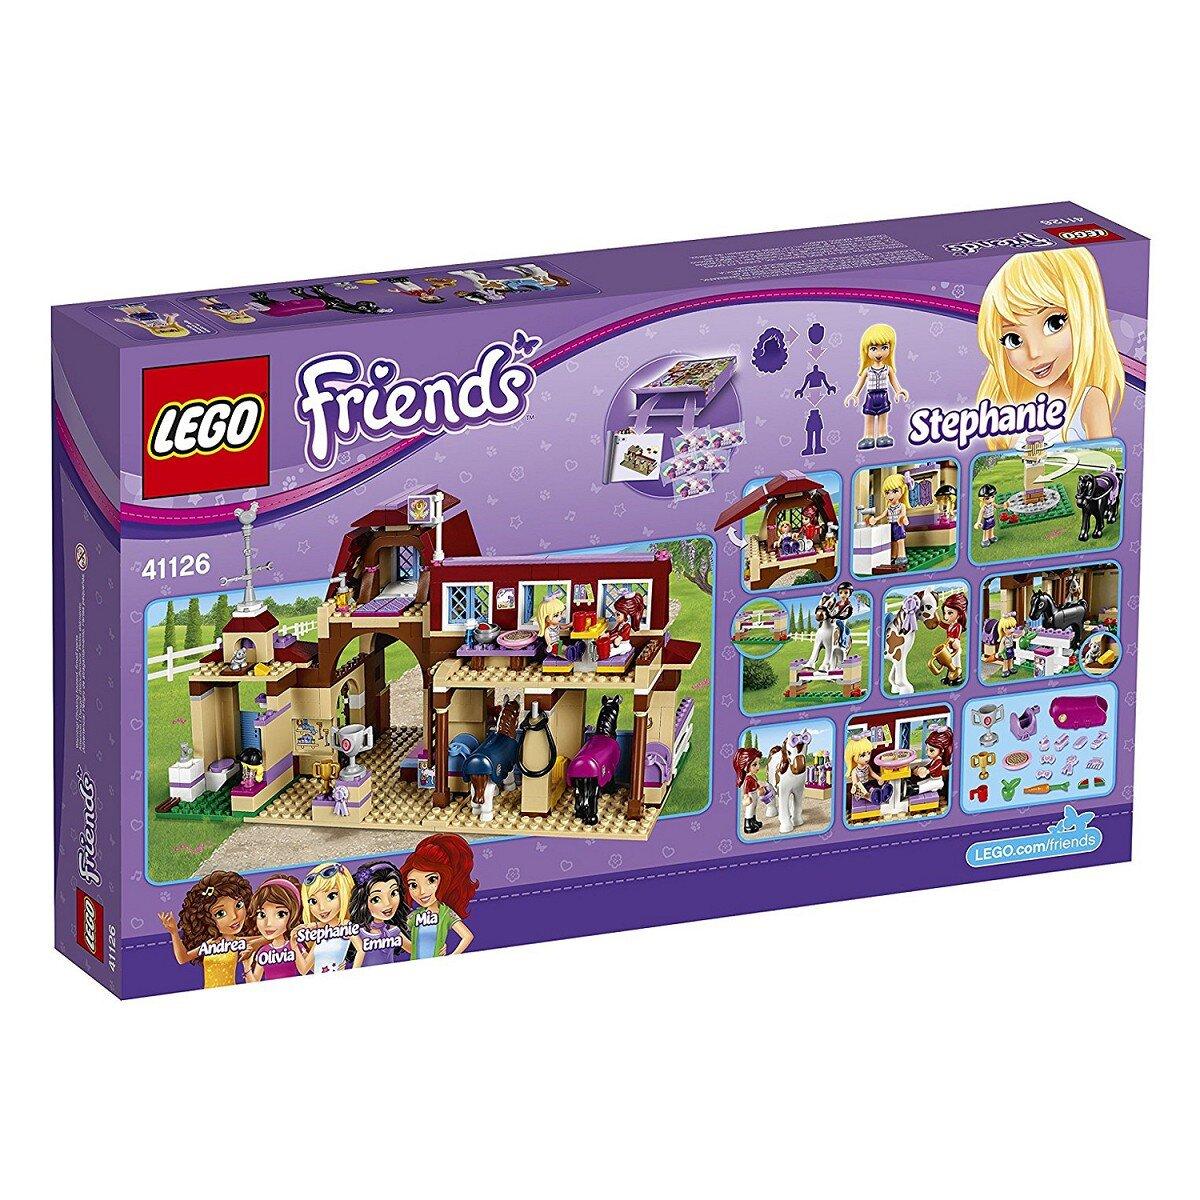 Đồ chơi LEGO Friends - câu lạc bộ cưỡi ngựa 41126 (575 Mảnh Ghép)